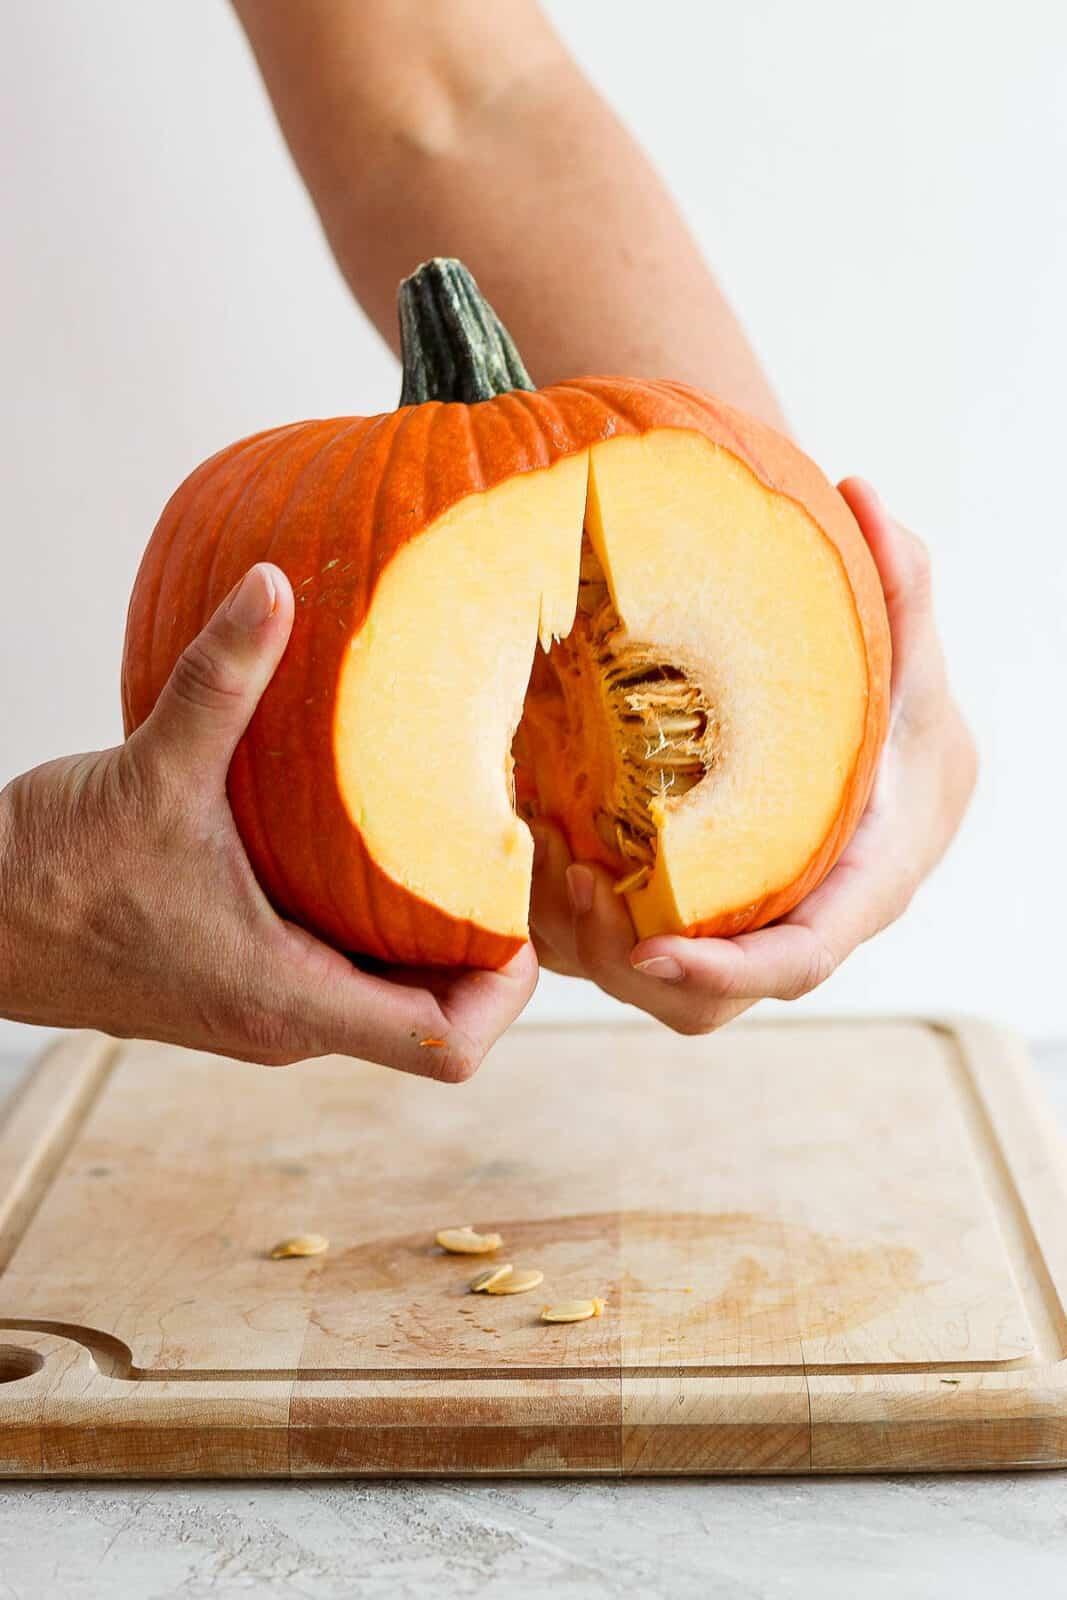 A pumpkin being pulled in half.